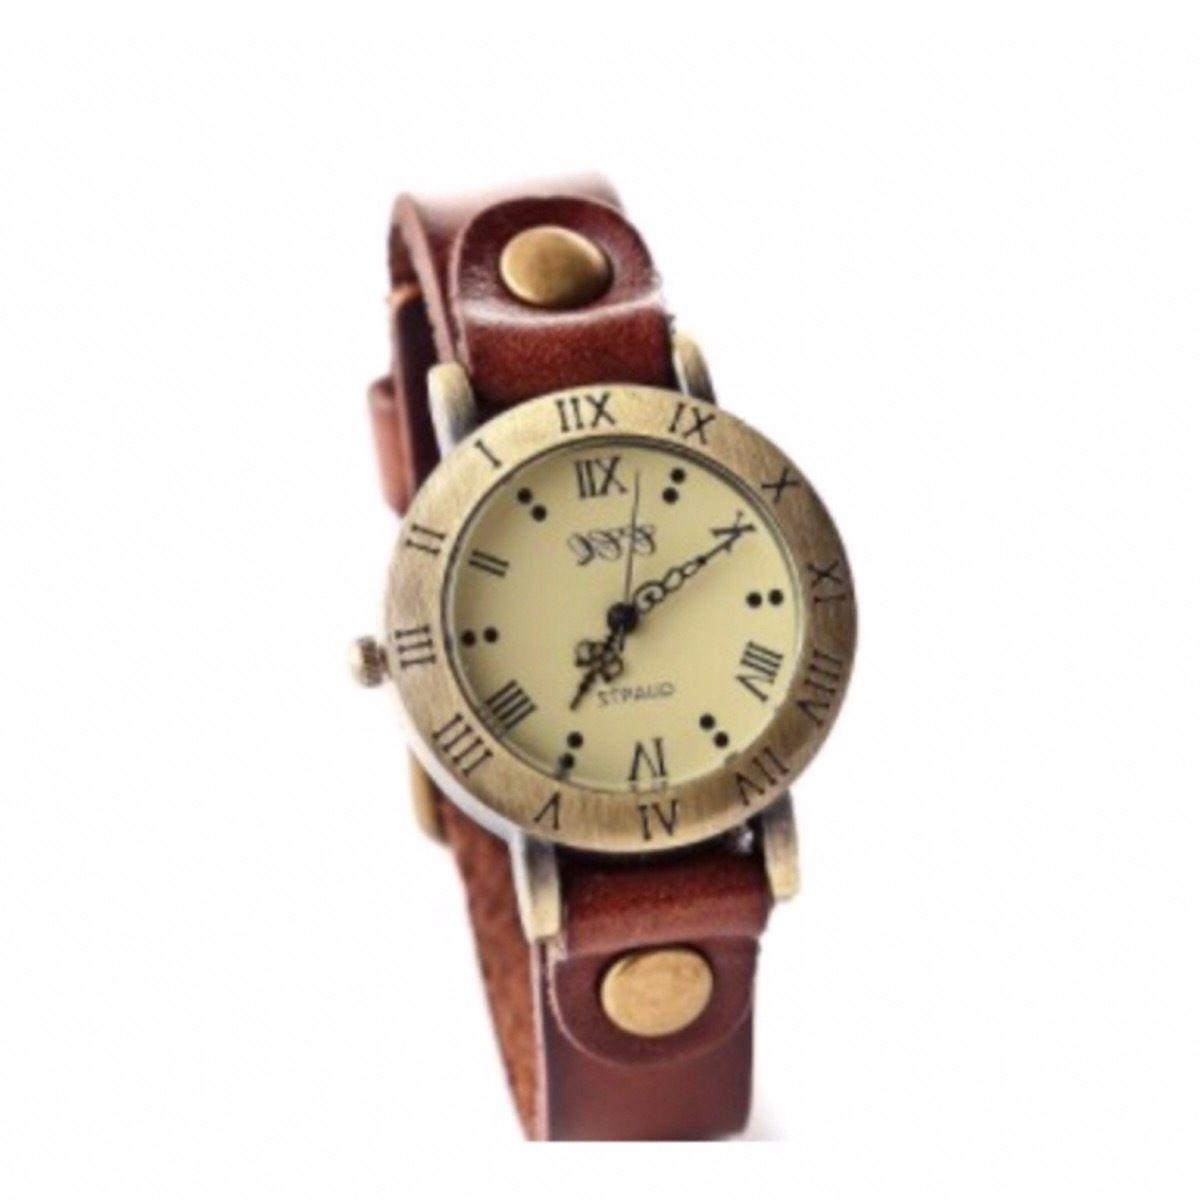 レザーウォッチ 腕時計 メンズ レディース シンプル ギフト 人気 プレゼント 時計 おしゃれ 安い かわいい プチプラ ブレスレット 薄茶 ライトブラウン アンティーク